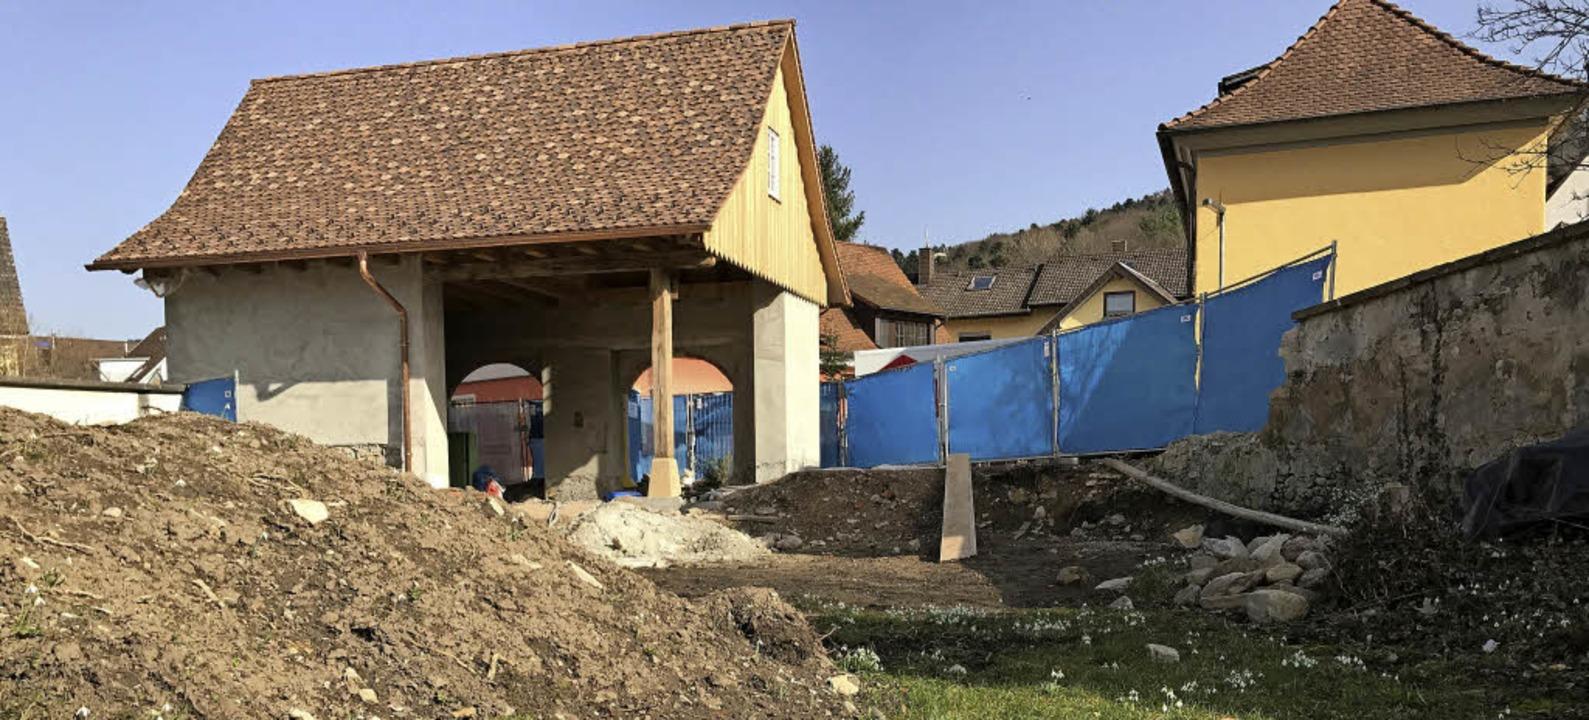 Bollschweils neue Ortsmitte soll grüner werden.     Foto: Gabriele Hennicke